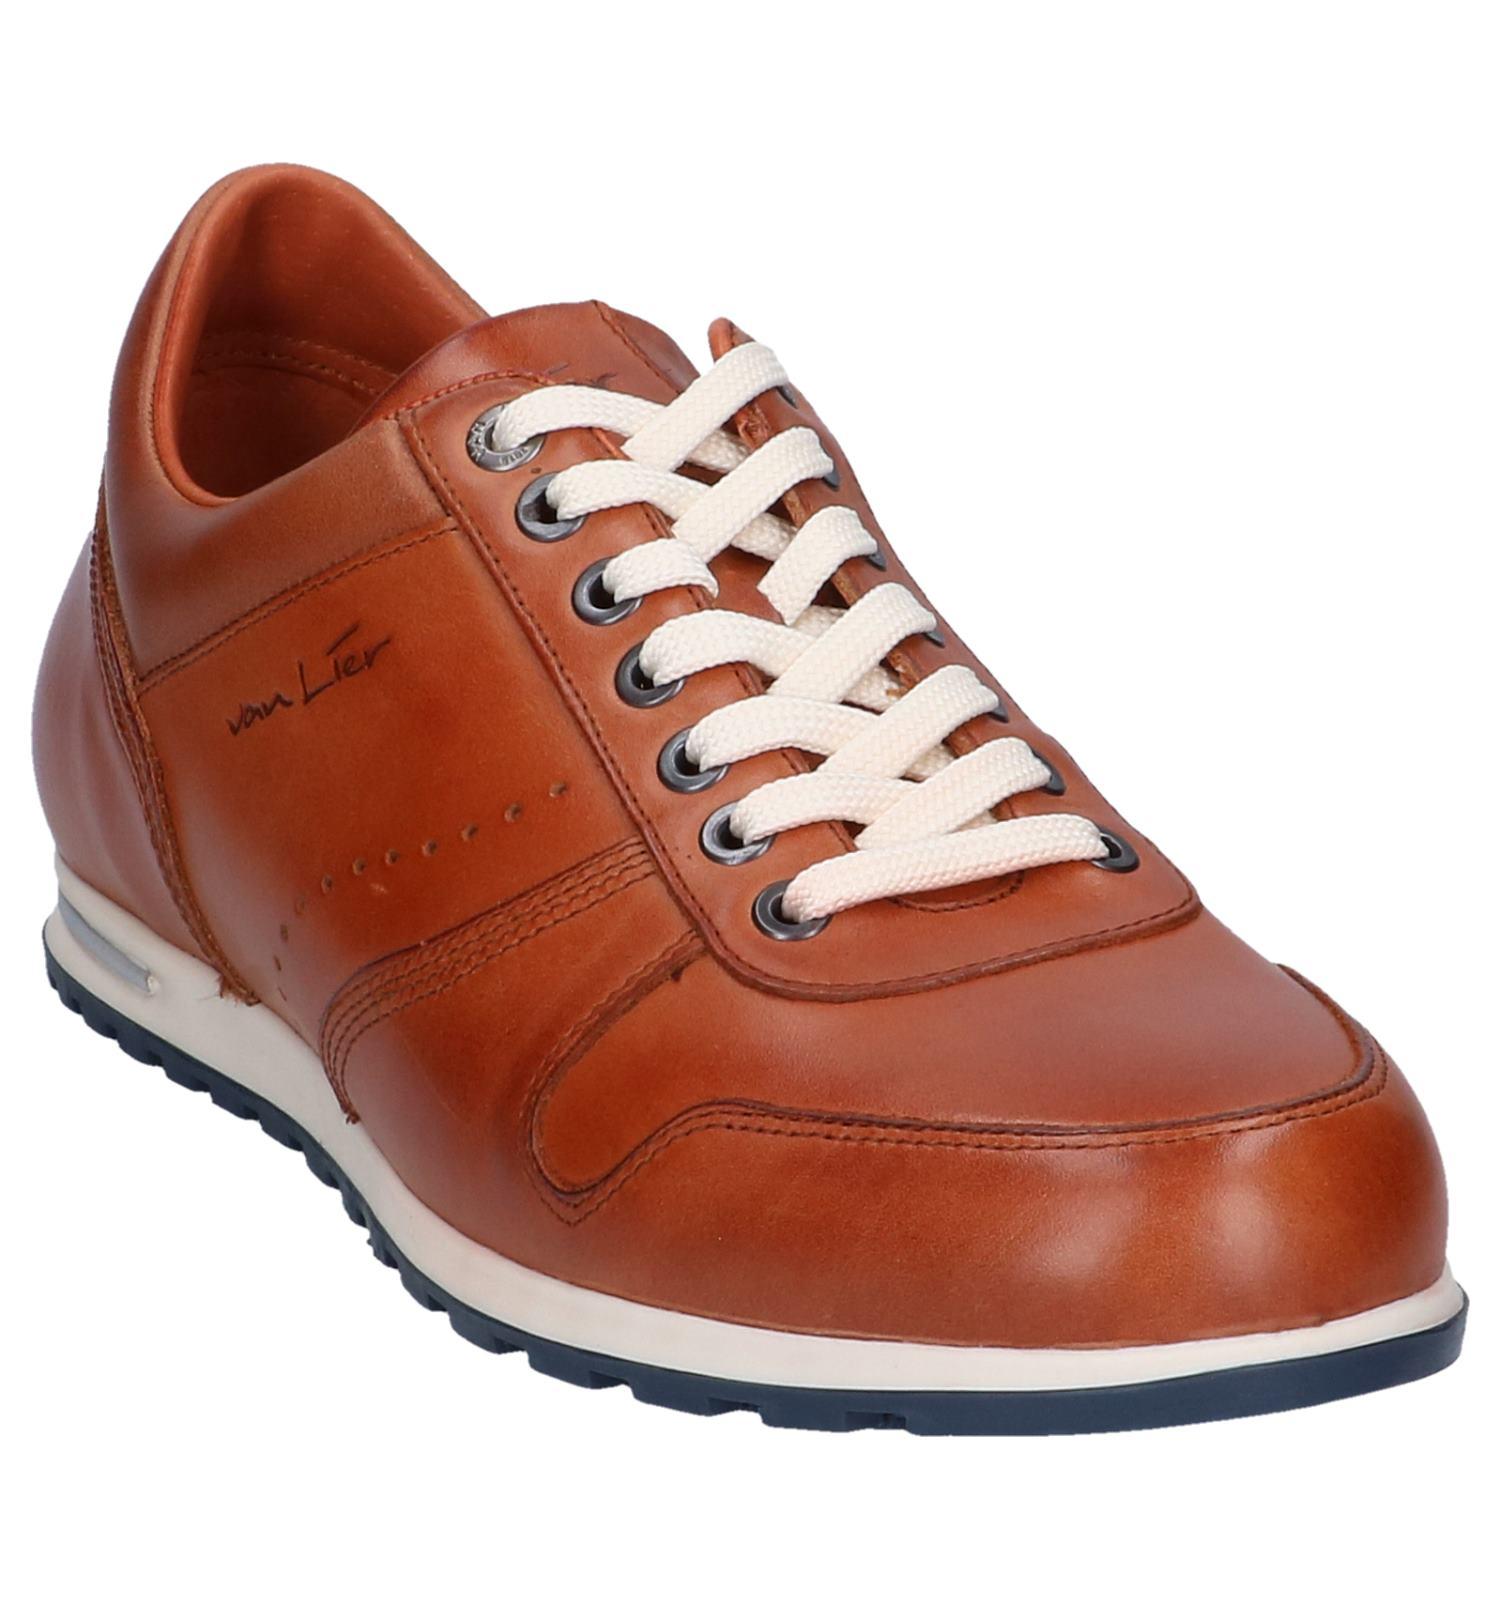 van lier sneakers red